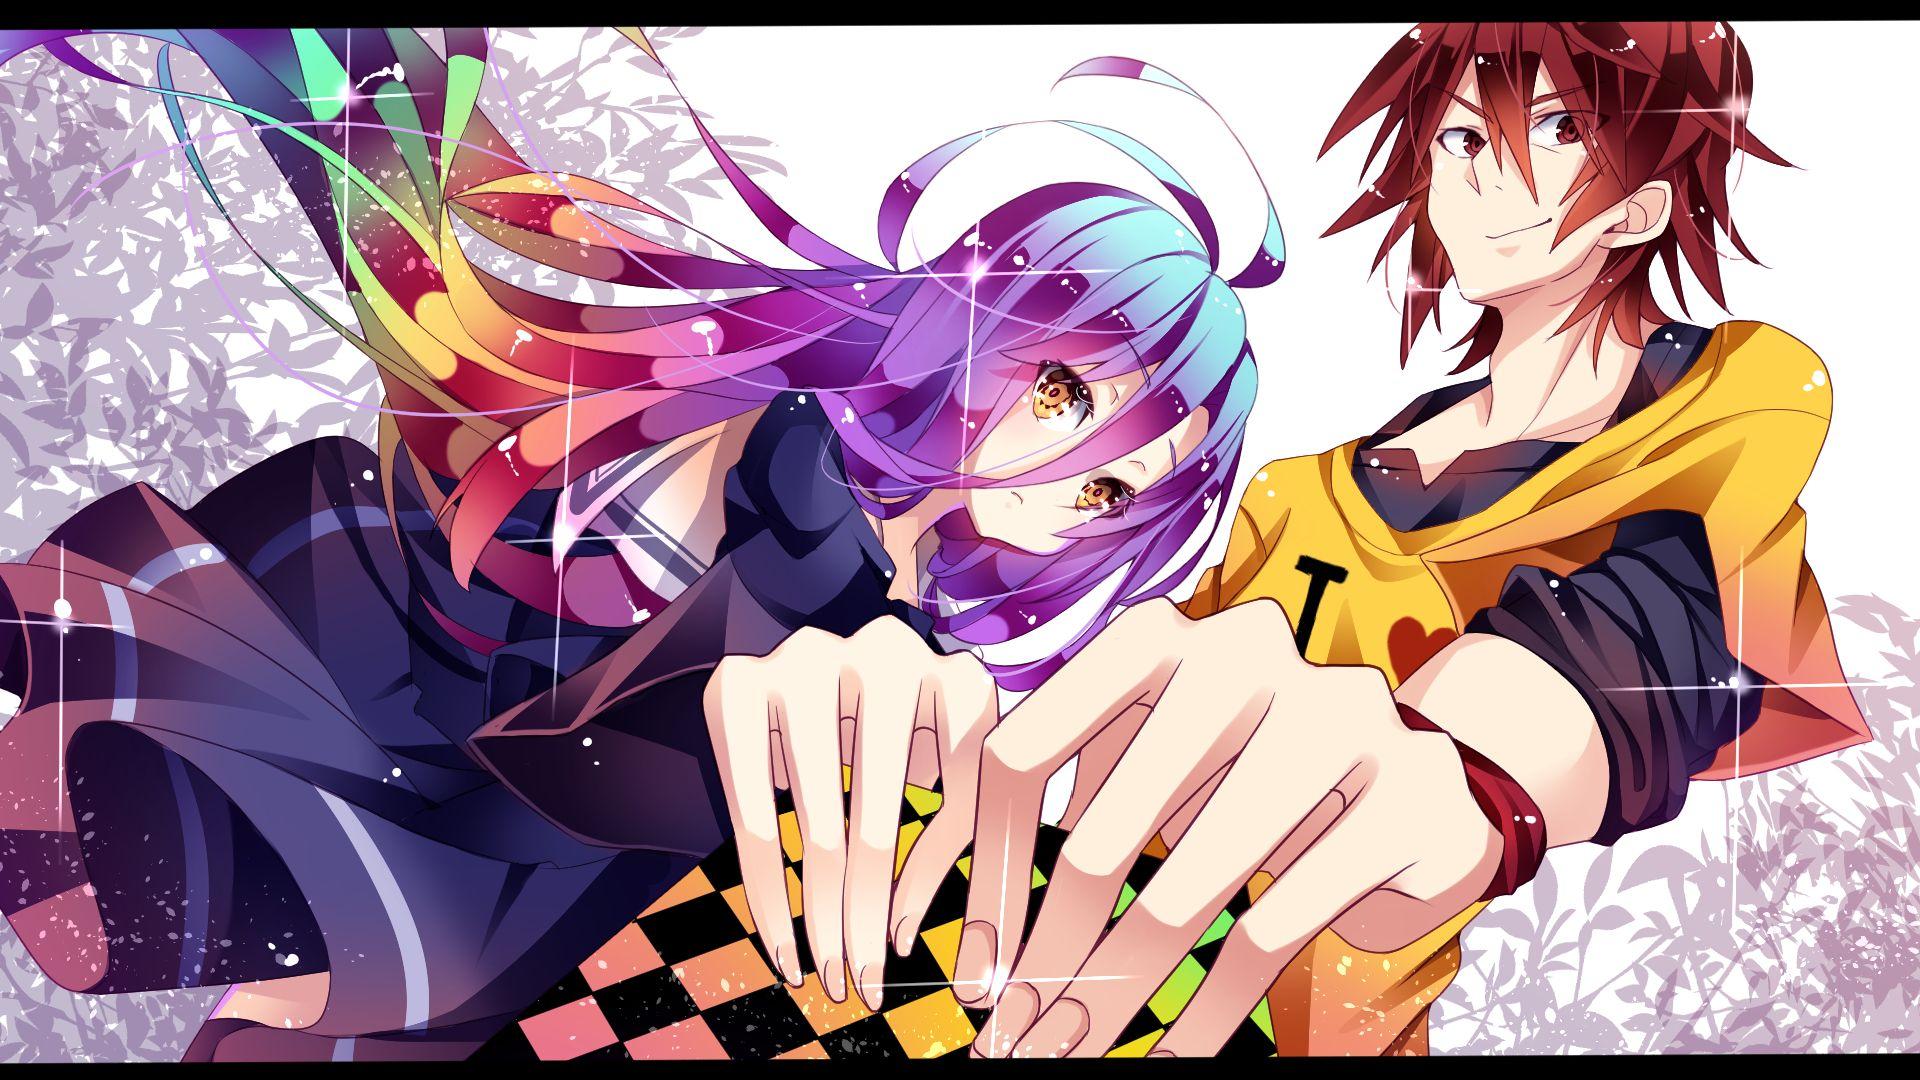 No Game No Life Anime Wallpaper Anime Kawaii Anime